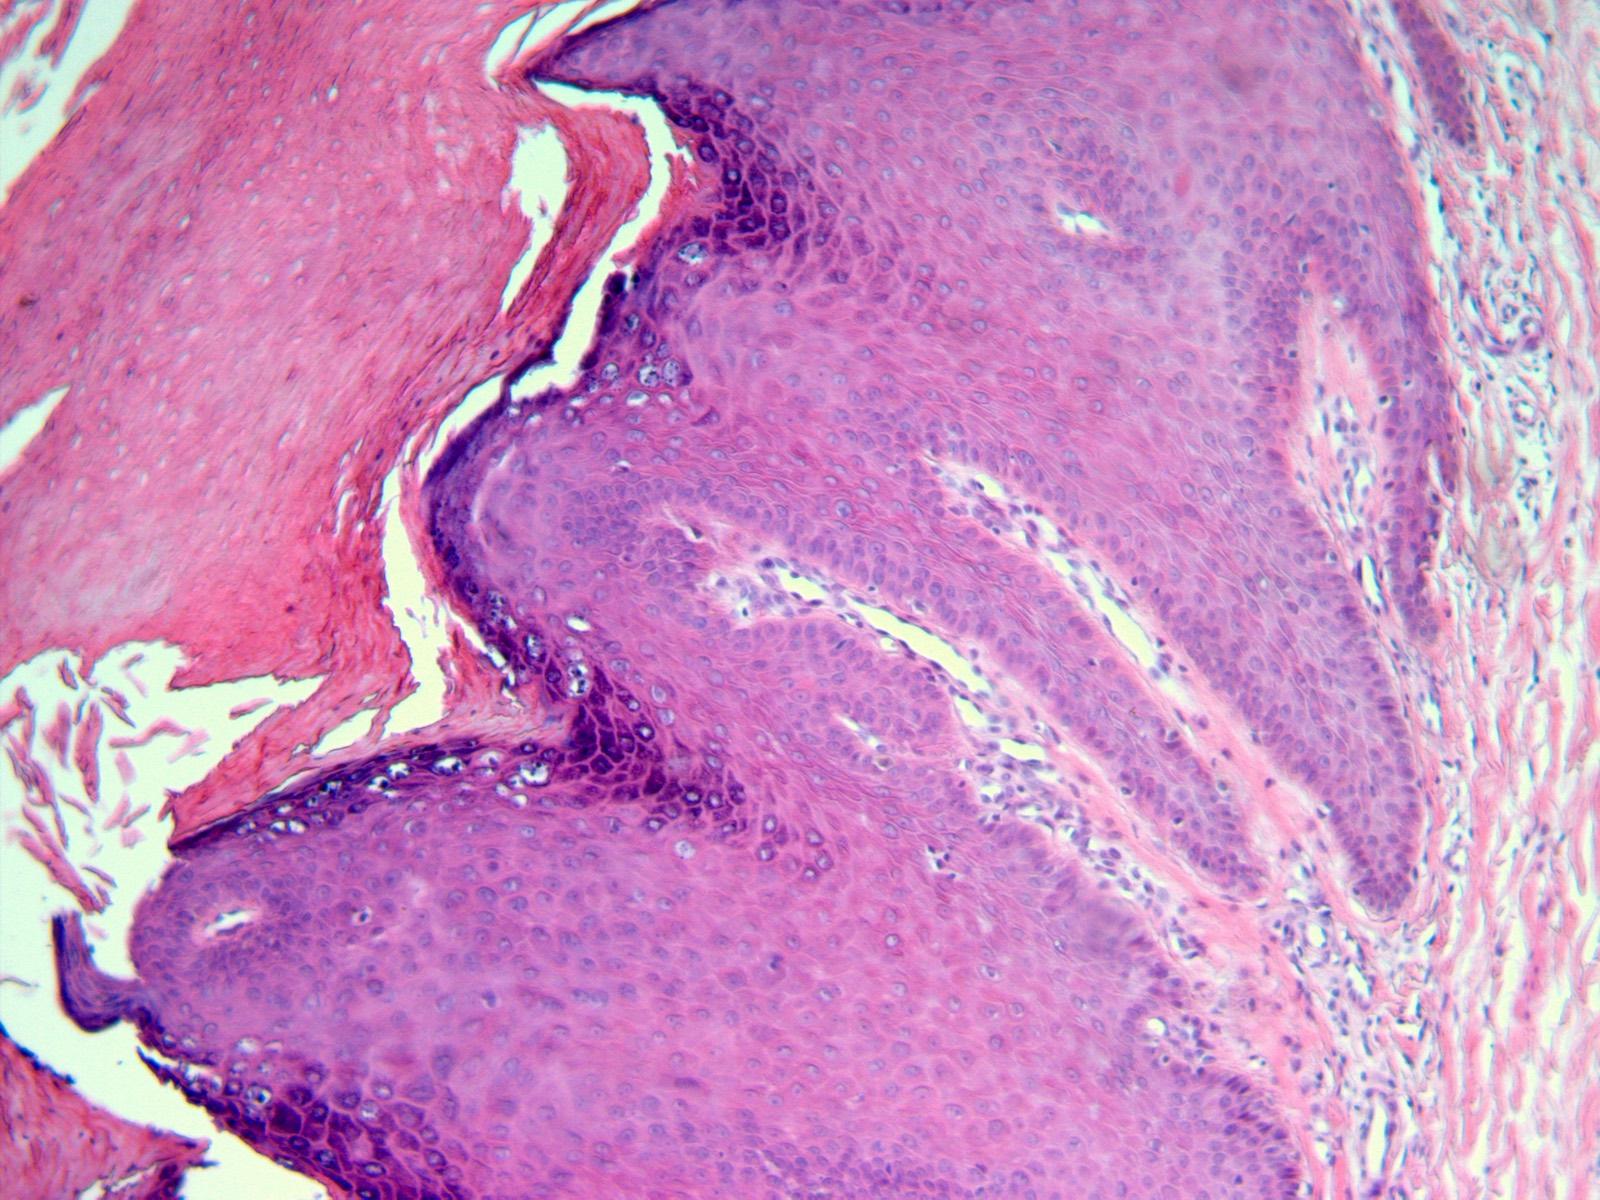 hpv skin pathology)